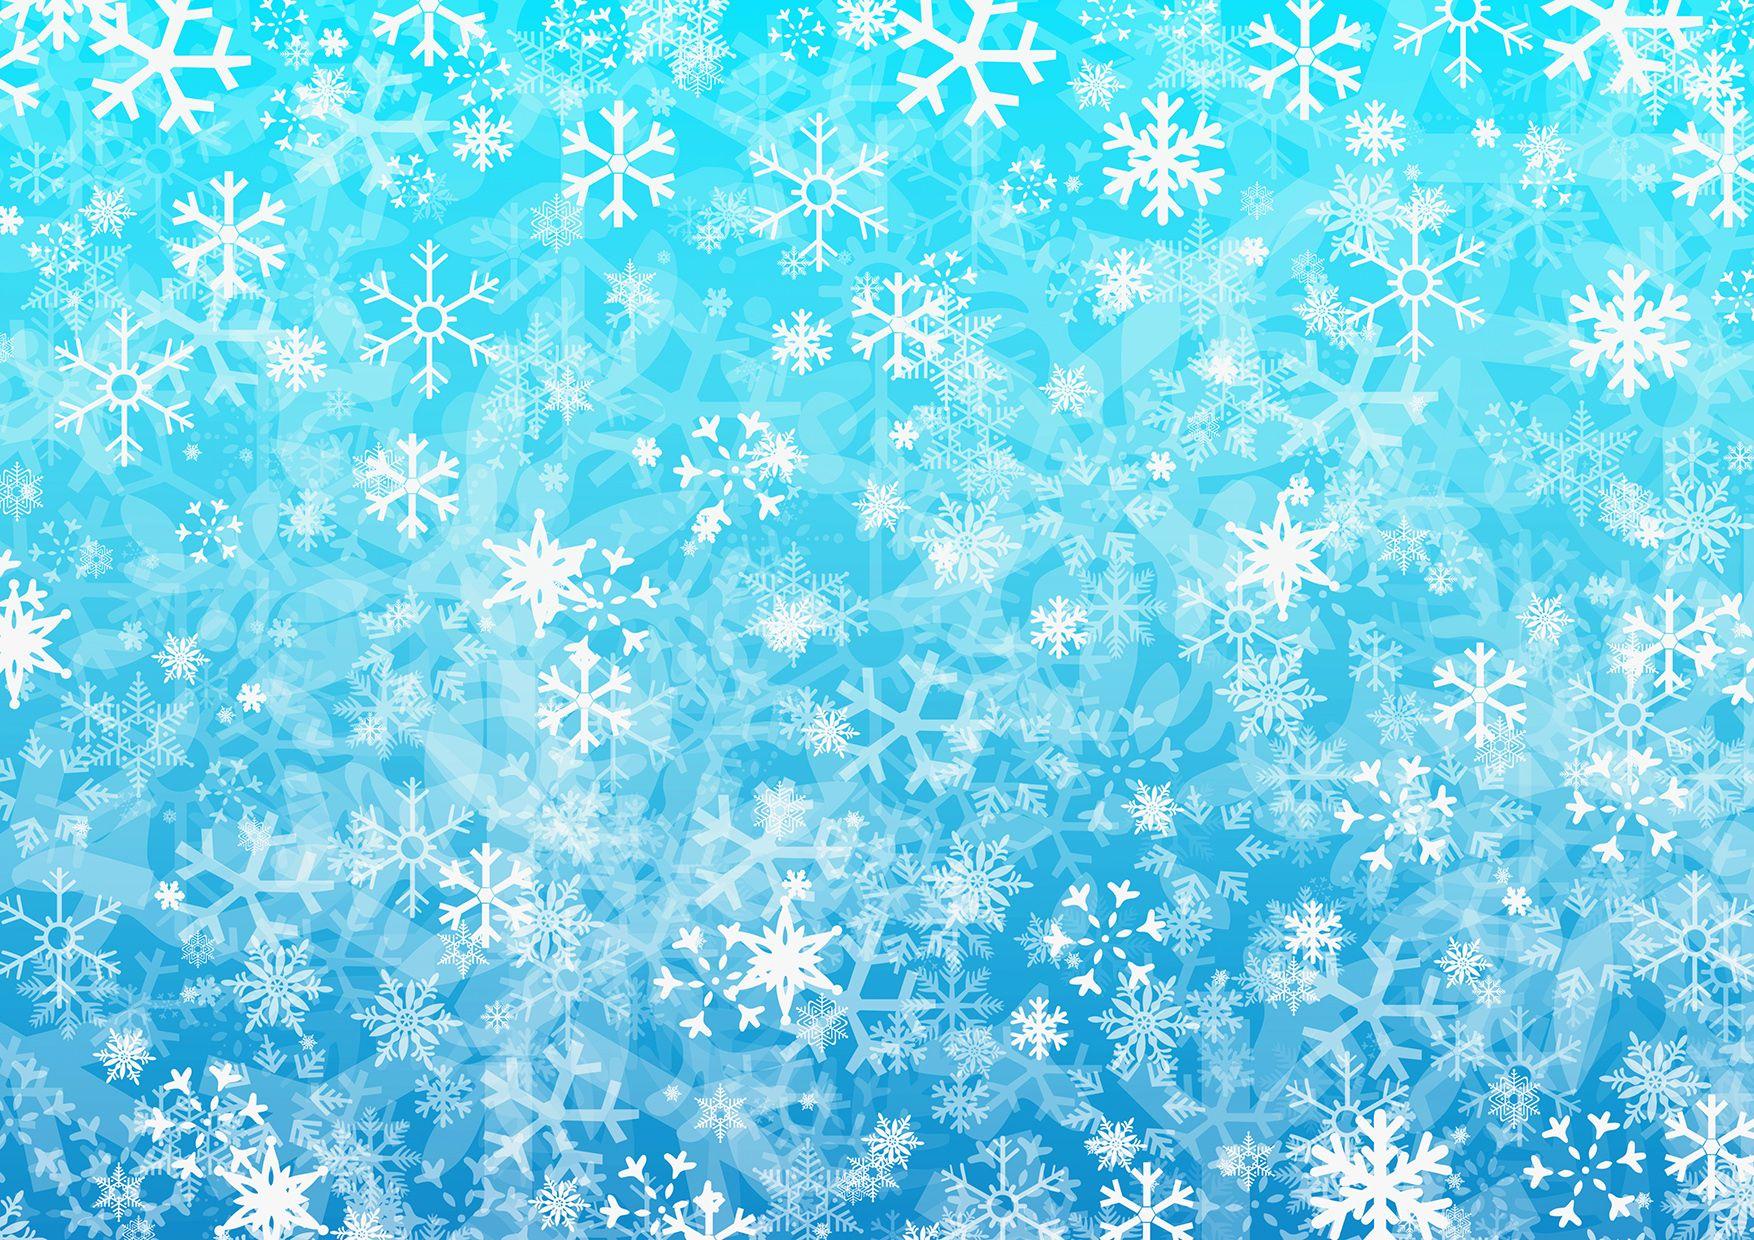 переводе красивая однотонная картинка со снежинками одно самых